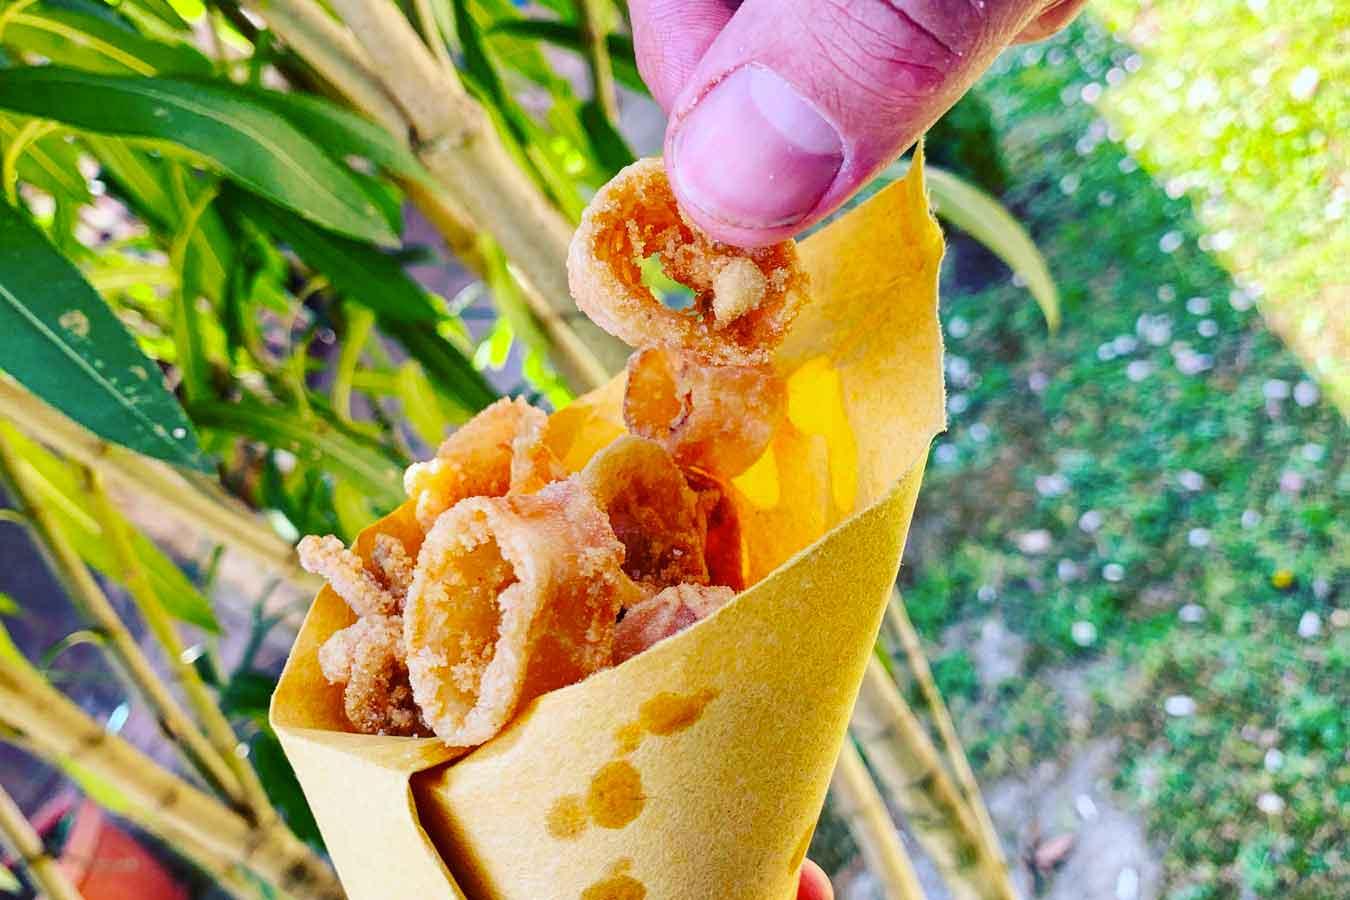 Cuoppo di calamari fritti